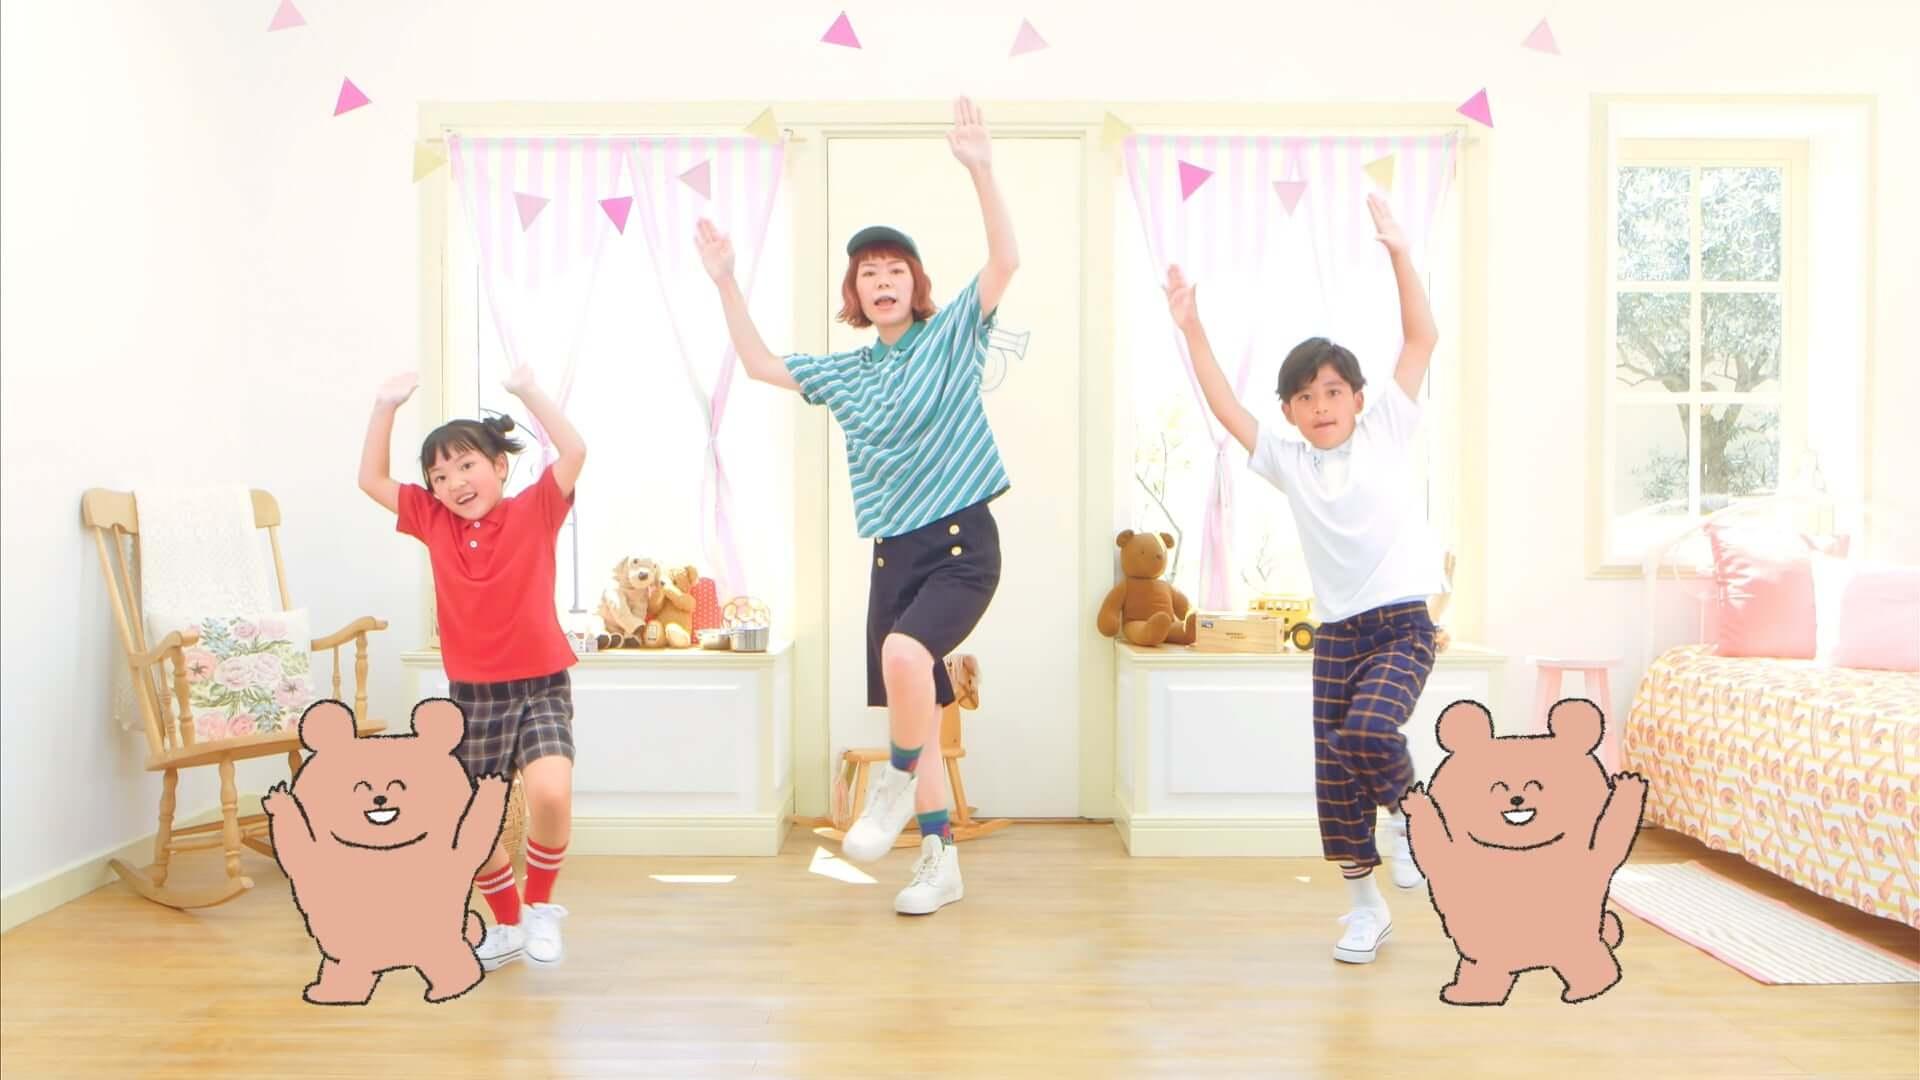 """DJみそしるとMCごはんによる楽曲""""ジョッキン体操""""の振り付け動画が公開中!歌と踊りで「手洗い・うがい・除菌」を啓発 music201111_jyokin-exercise_4-1920x1080"""